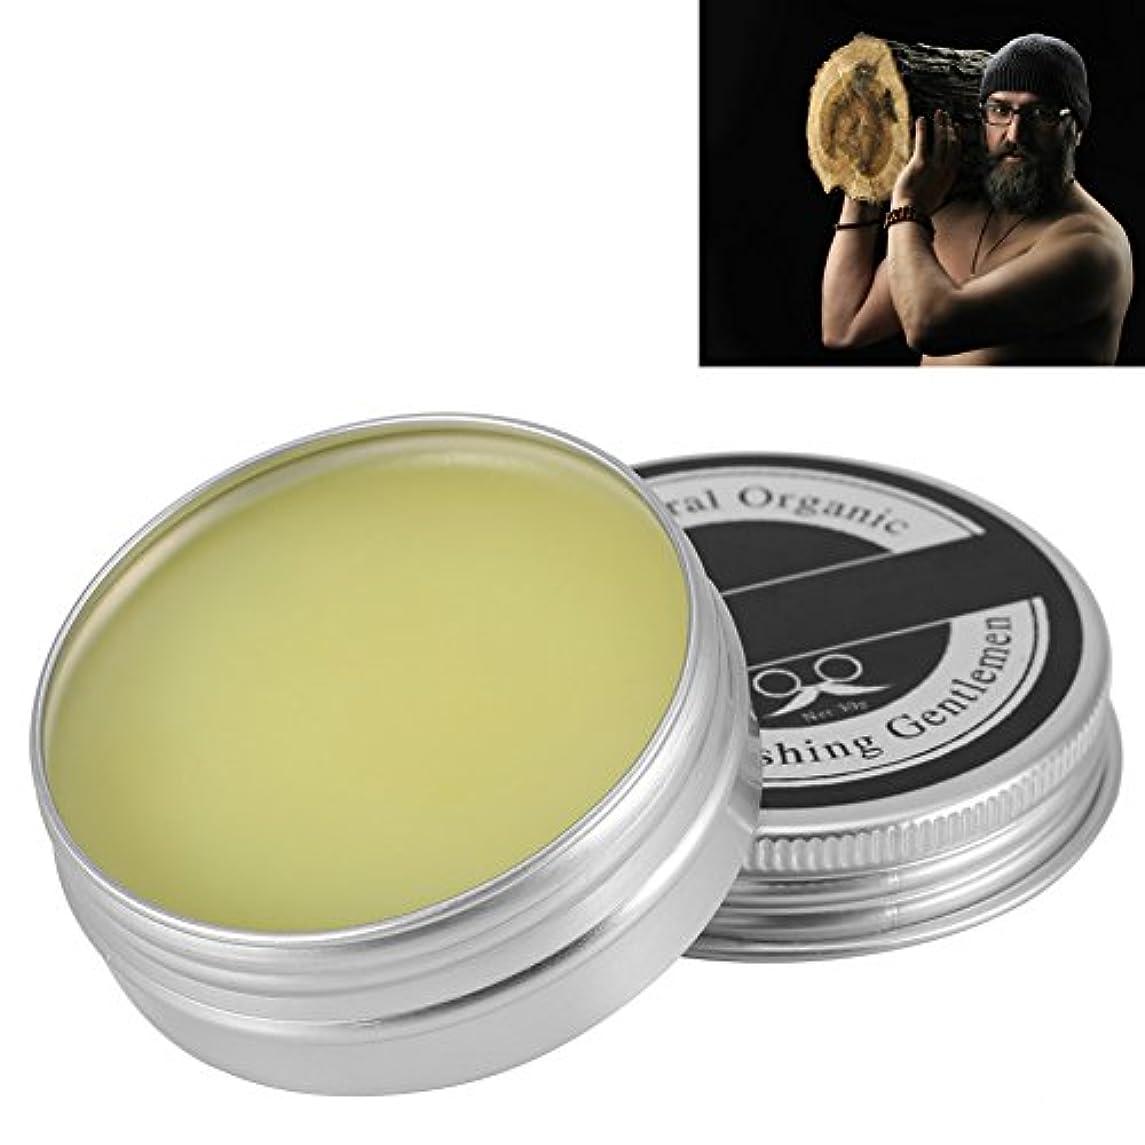 それからウォルターカニンガム強要メンズひげワックス  ひげクリーム 口髭用ワックス  保湿/滋養/ひげ根のケアなどの効果  ひげケア必需品 携帯便利